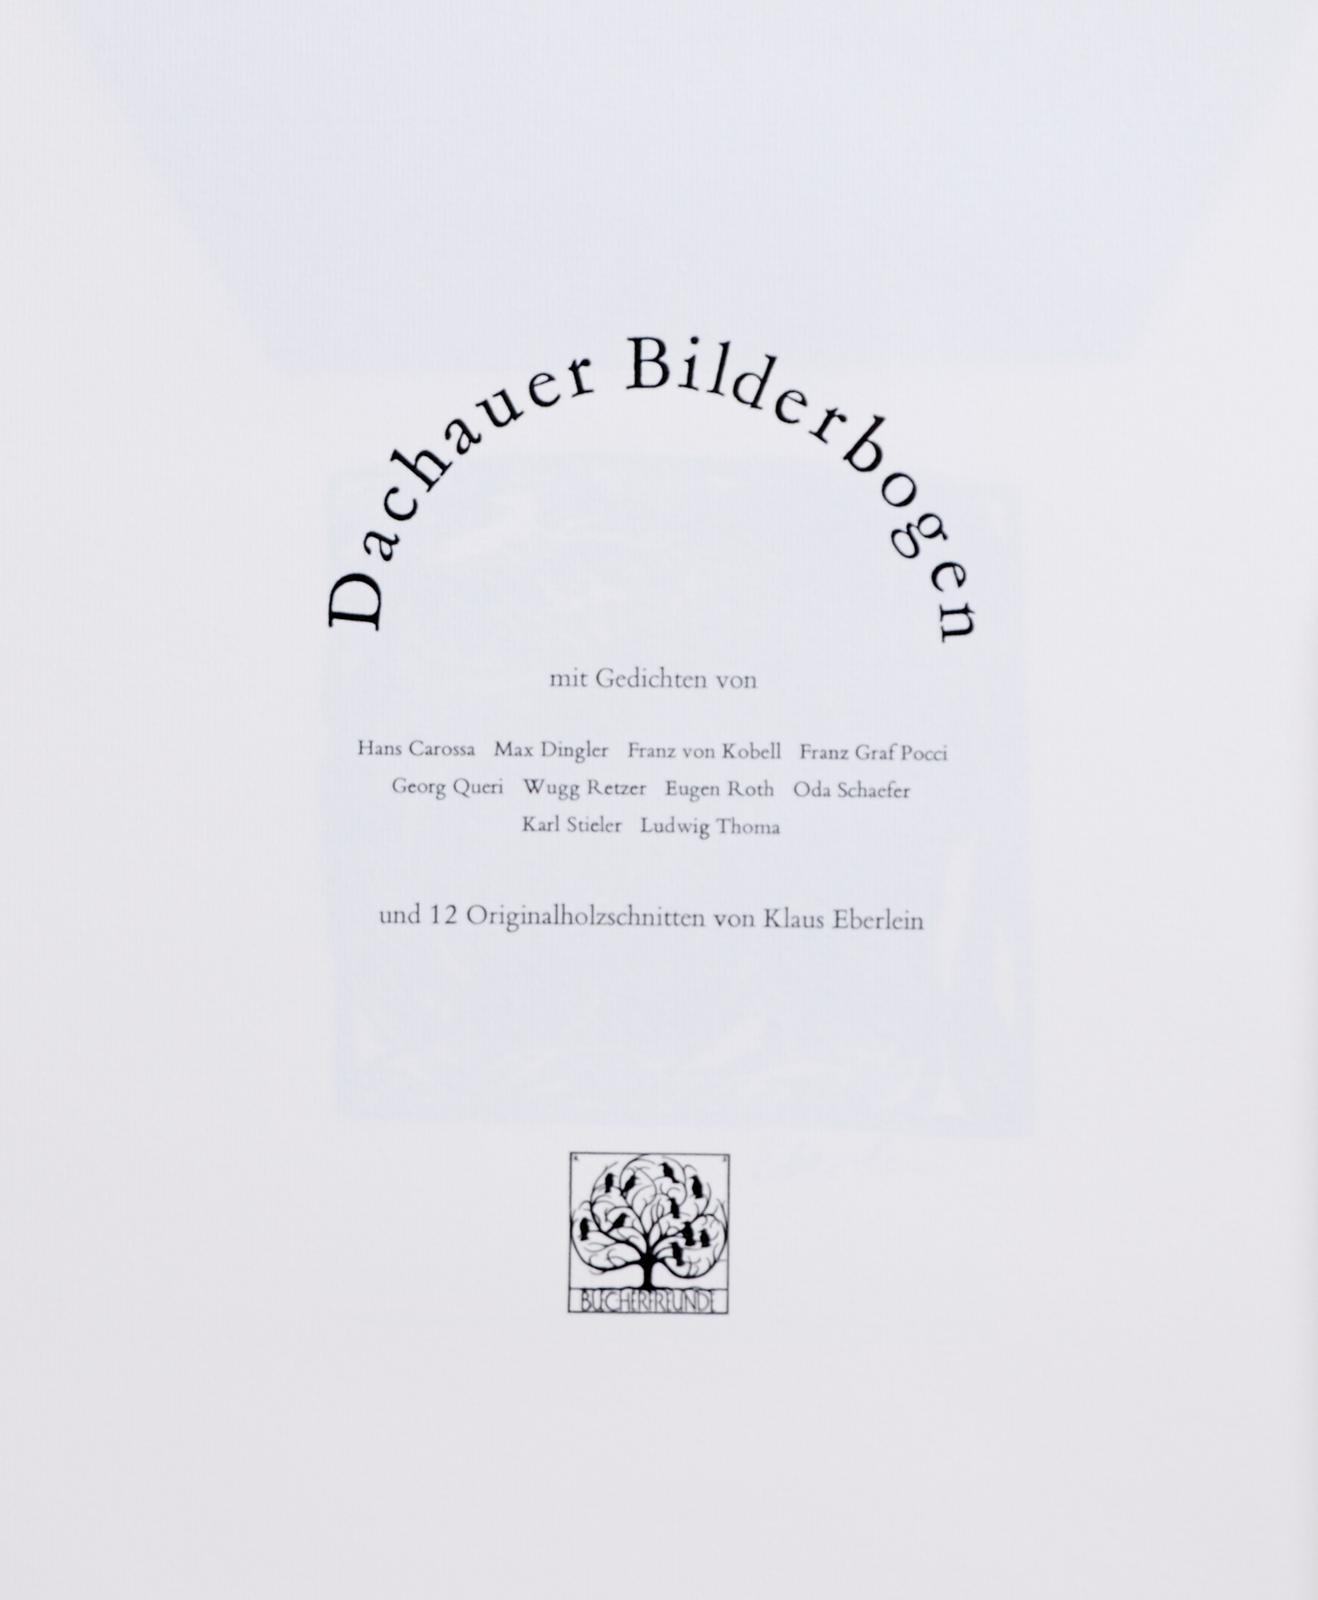 Dachauer Bilderbogenmit Gedichten Von Zisska Lacher